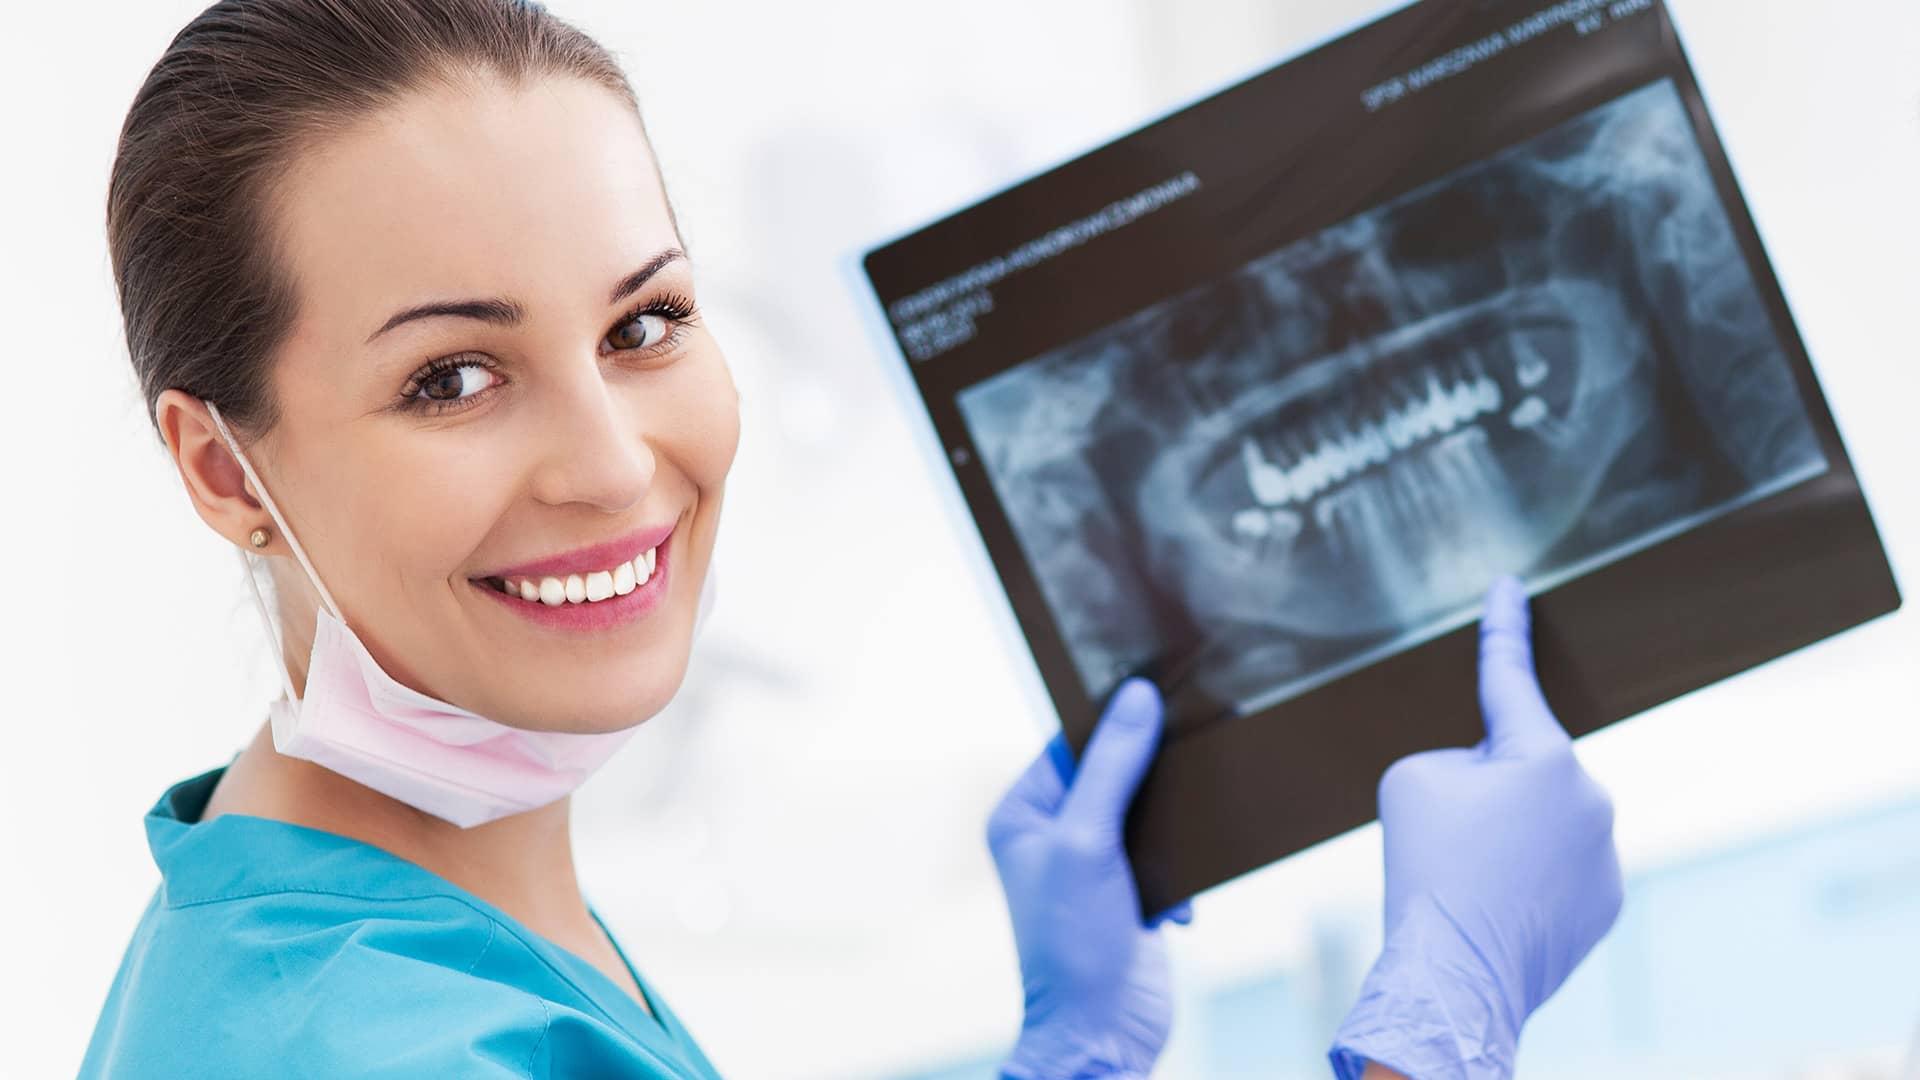 10 интересных фактов о стоматологии